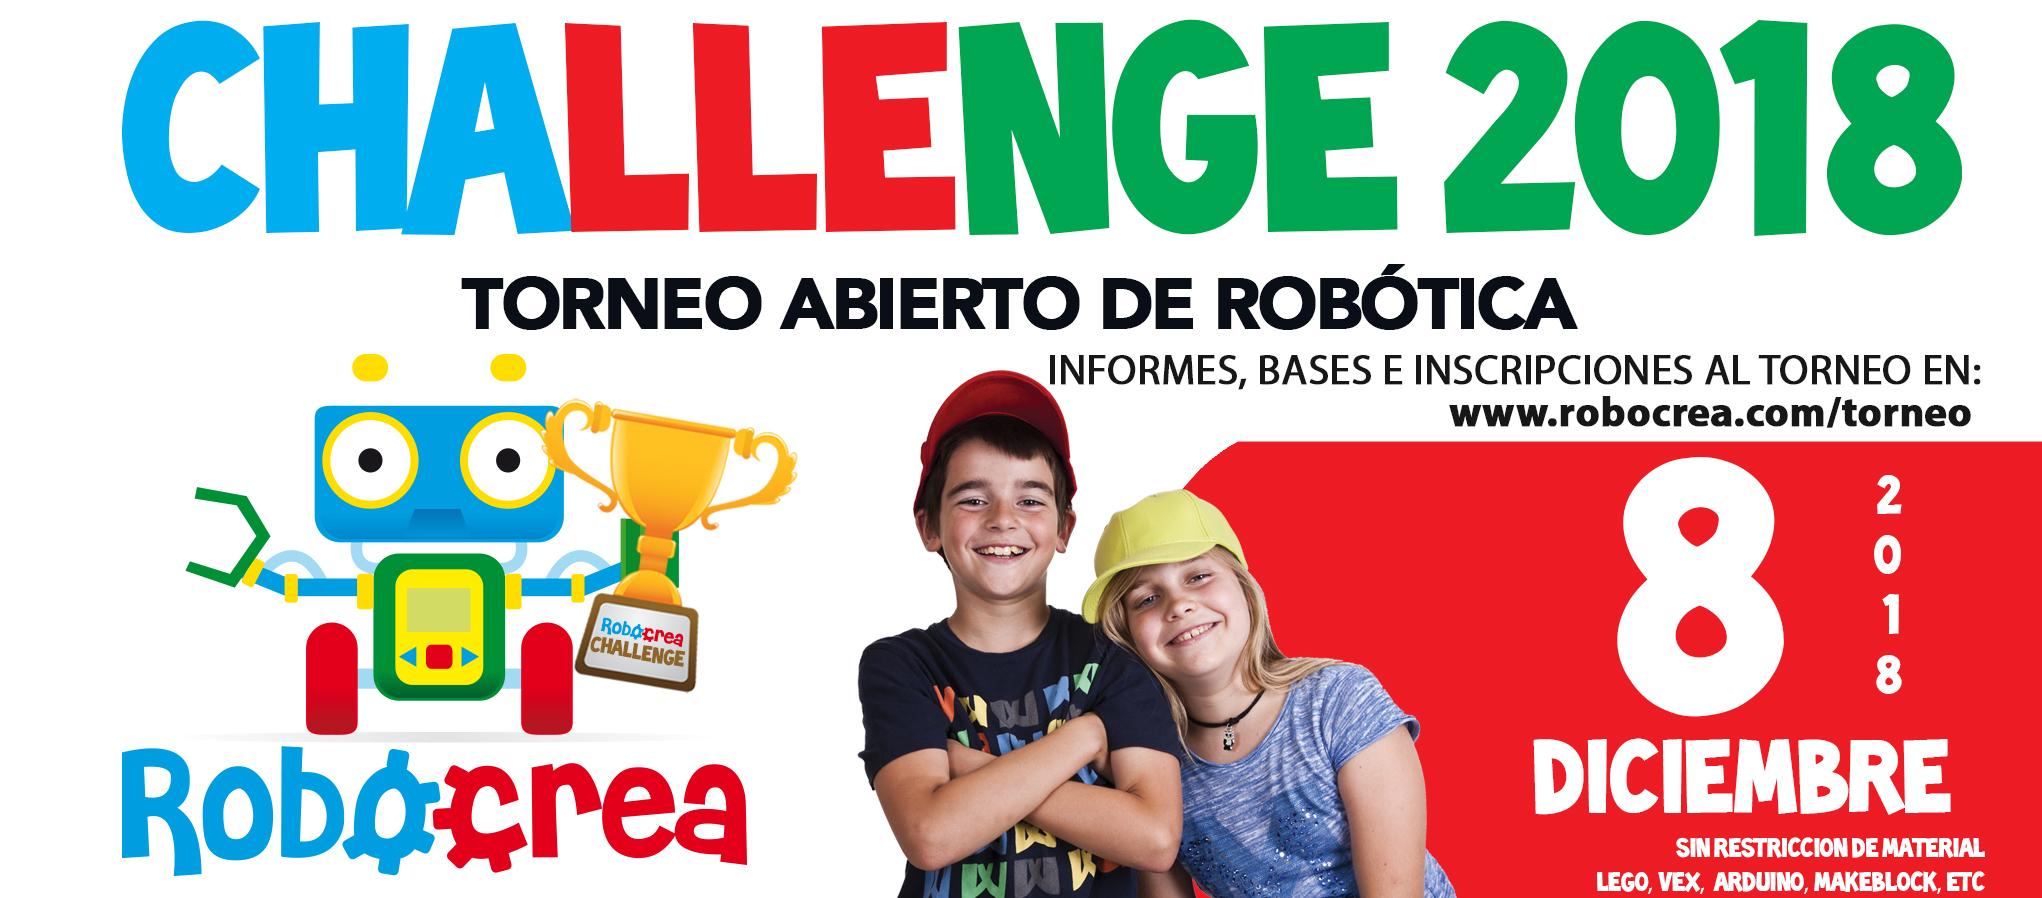 Robocrea-Challenge-banner_2018_torneo